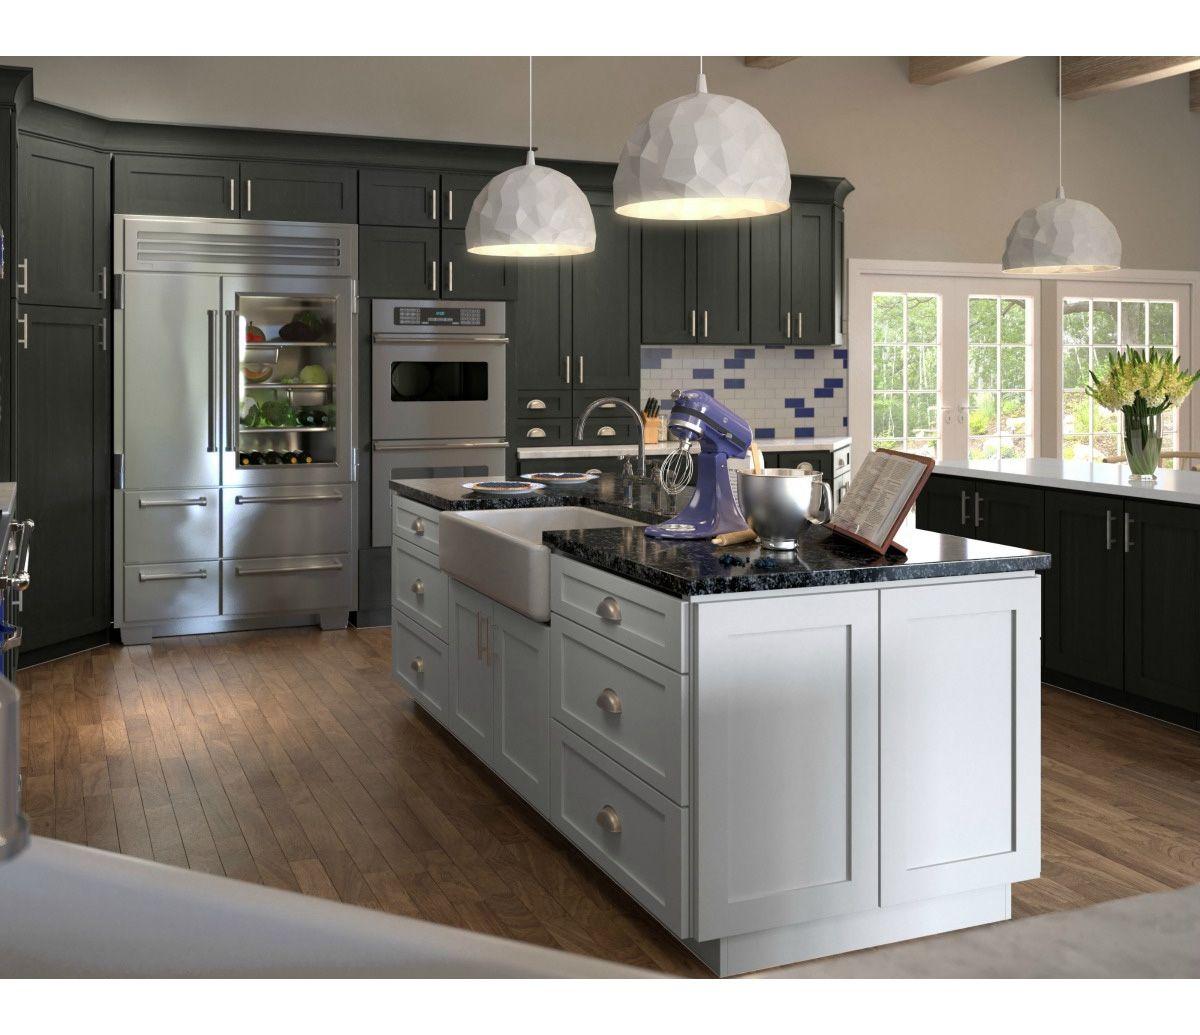 Top quality real cereja armário de cozinha porta de madeira pintada de cor fixa forma personalizada